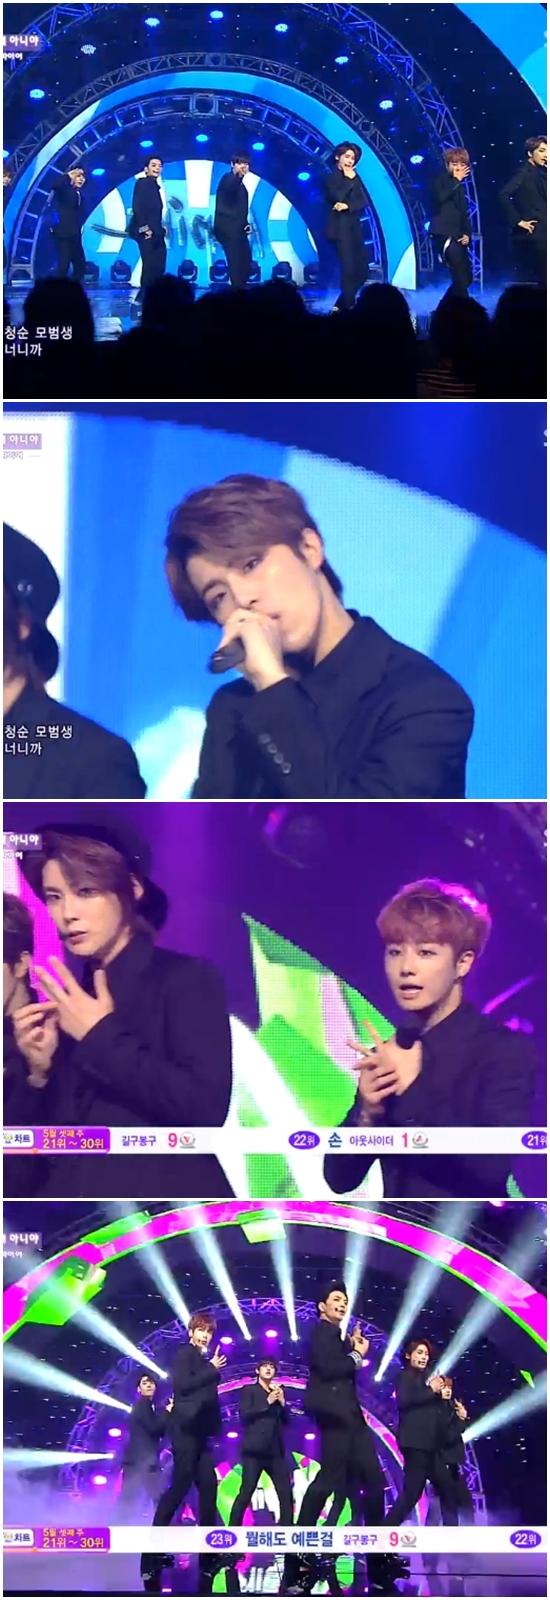 엠파이어/ SBS 방송 캡처